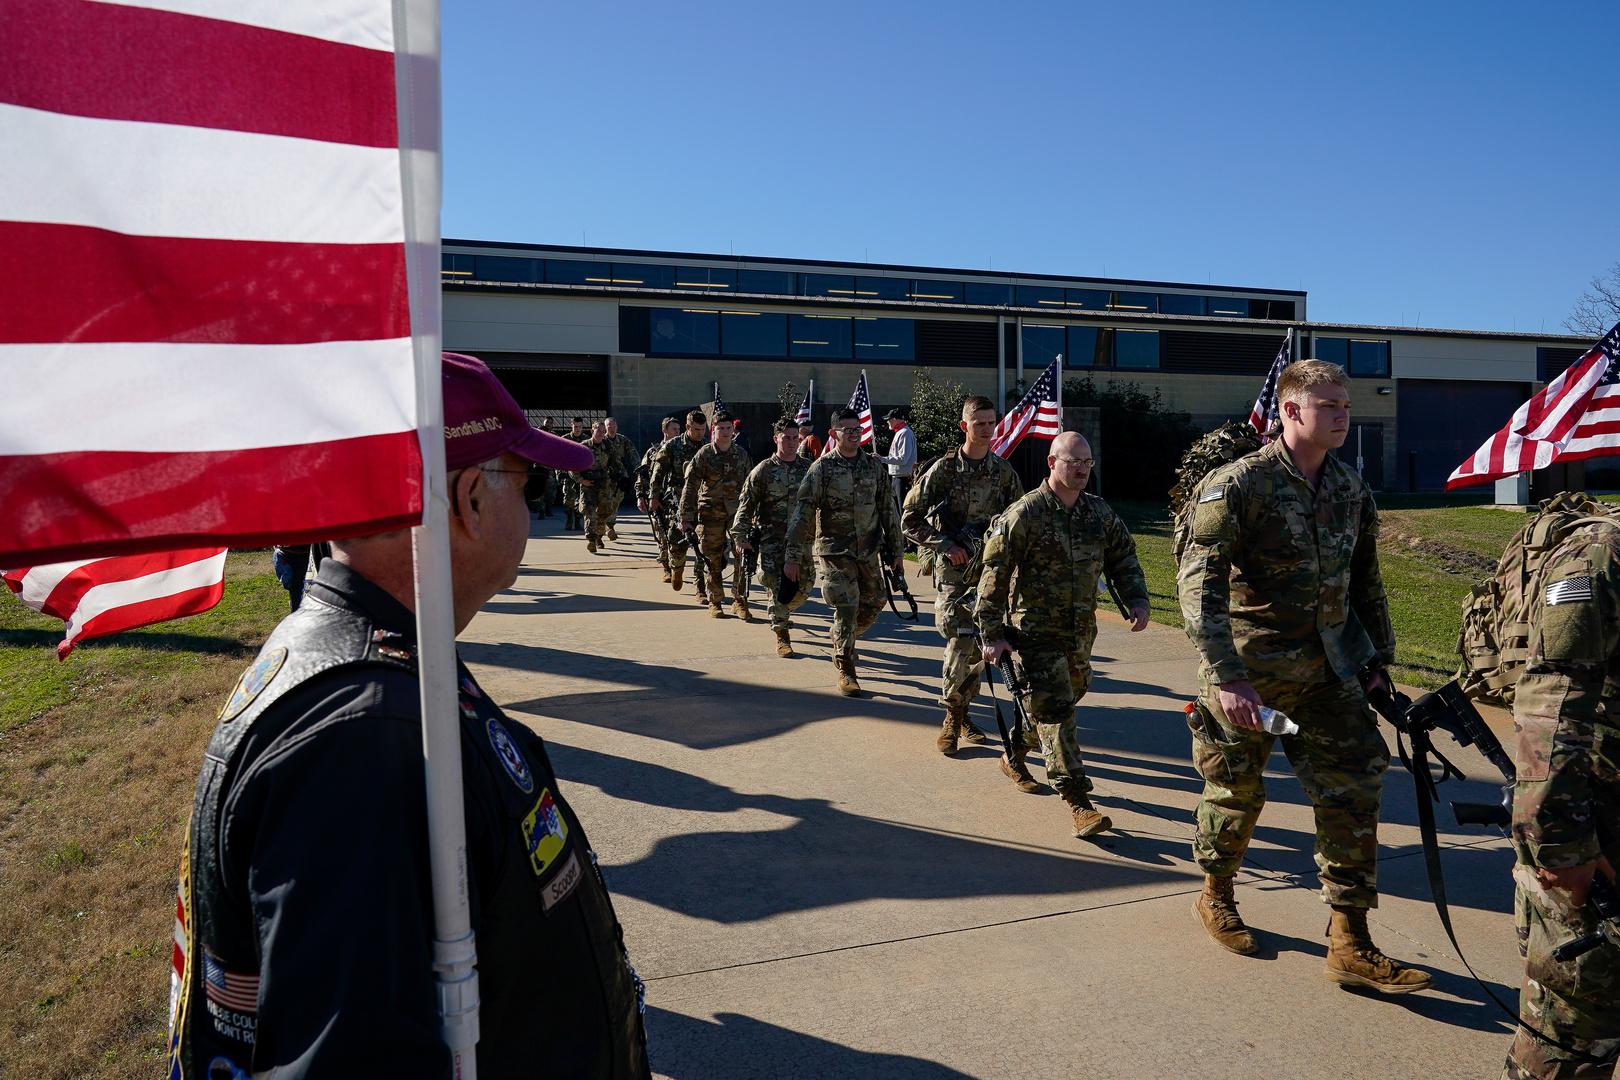 الجيش العراقي يعلق على أنباء استئناف العمليات العراقية الأمريكية المشتركة